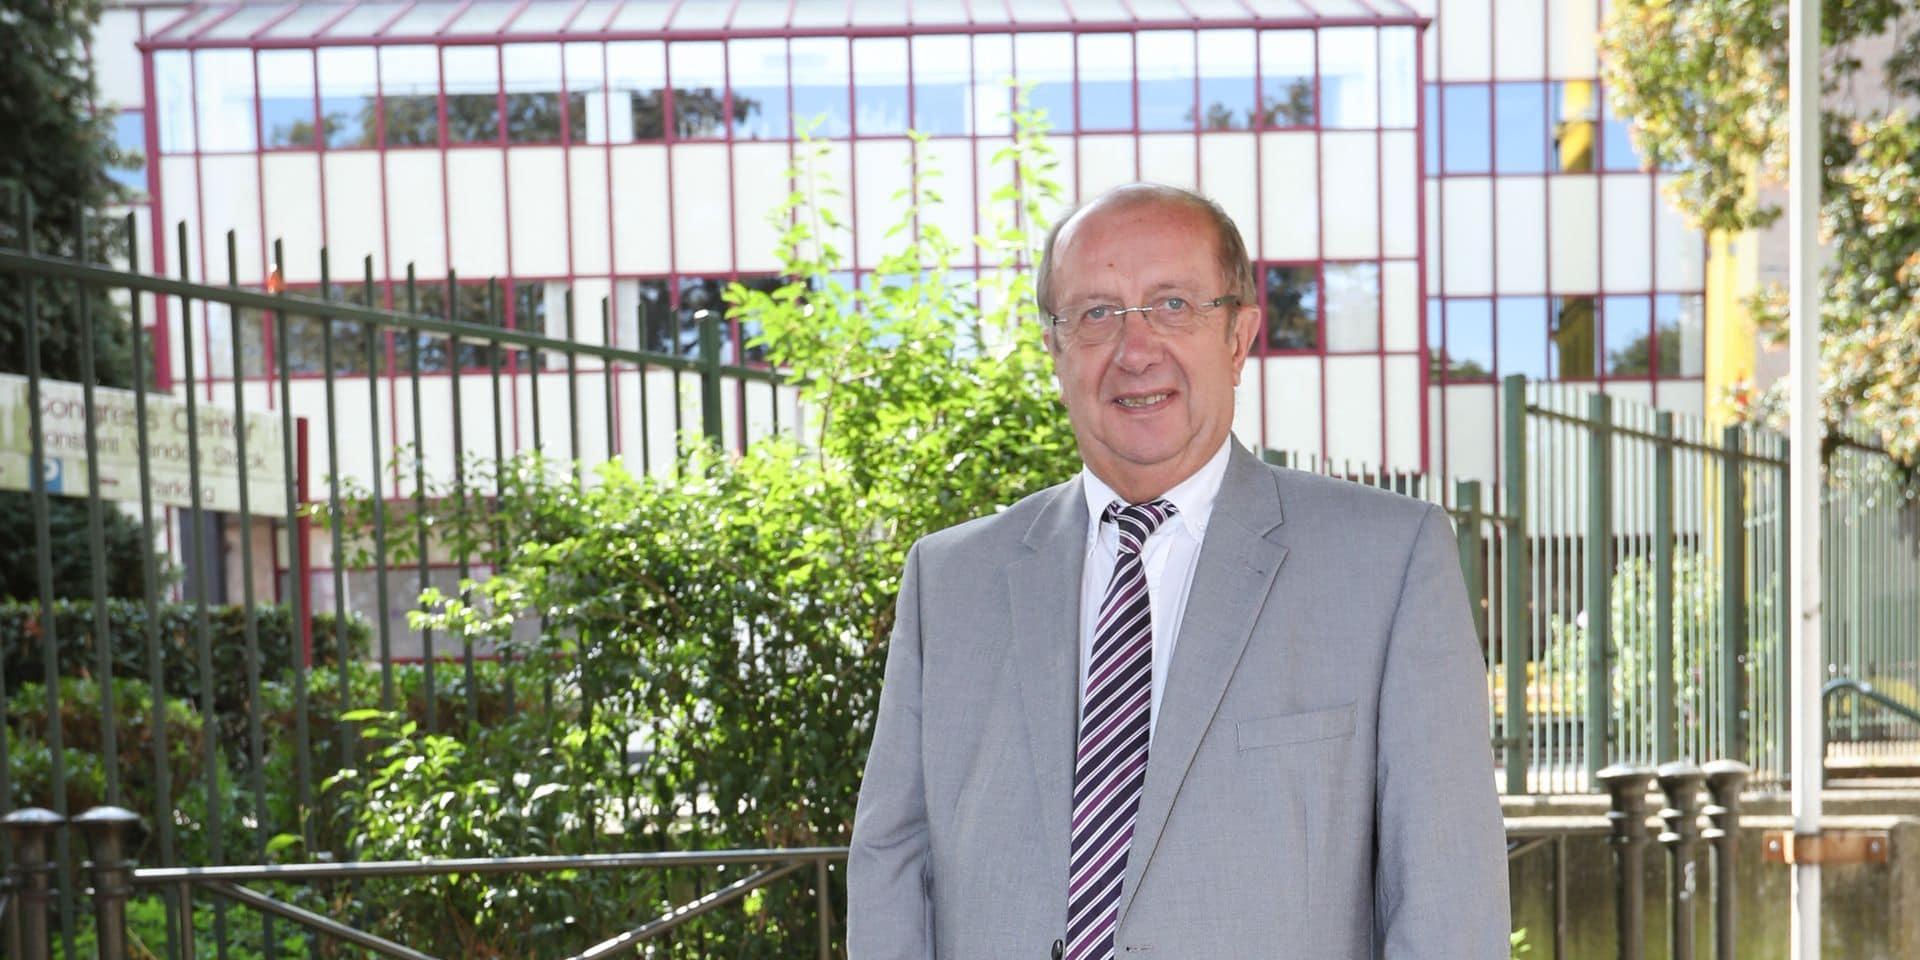 Anderlecht:L'acte de présentation d'Eric Tomas (PS) à la fonction de bourgmestre est signé